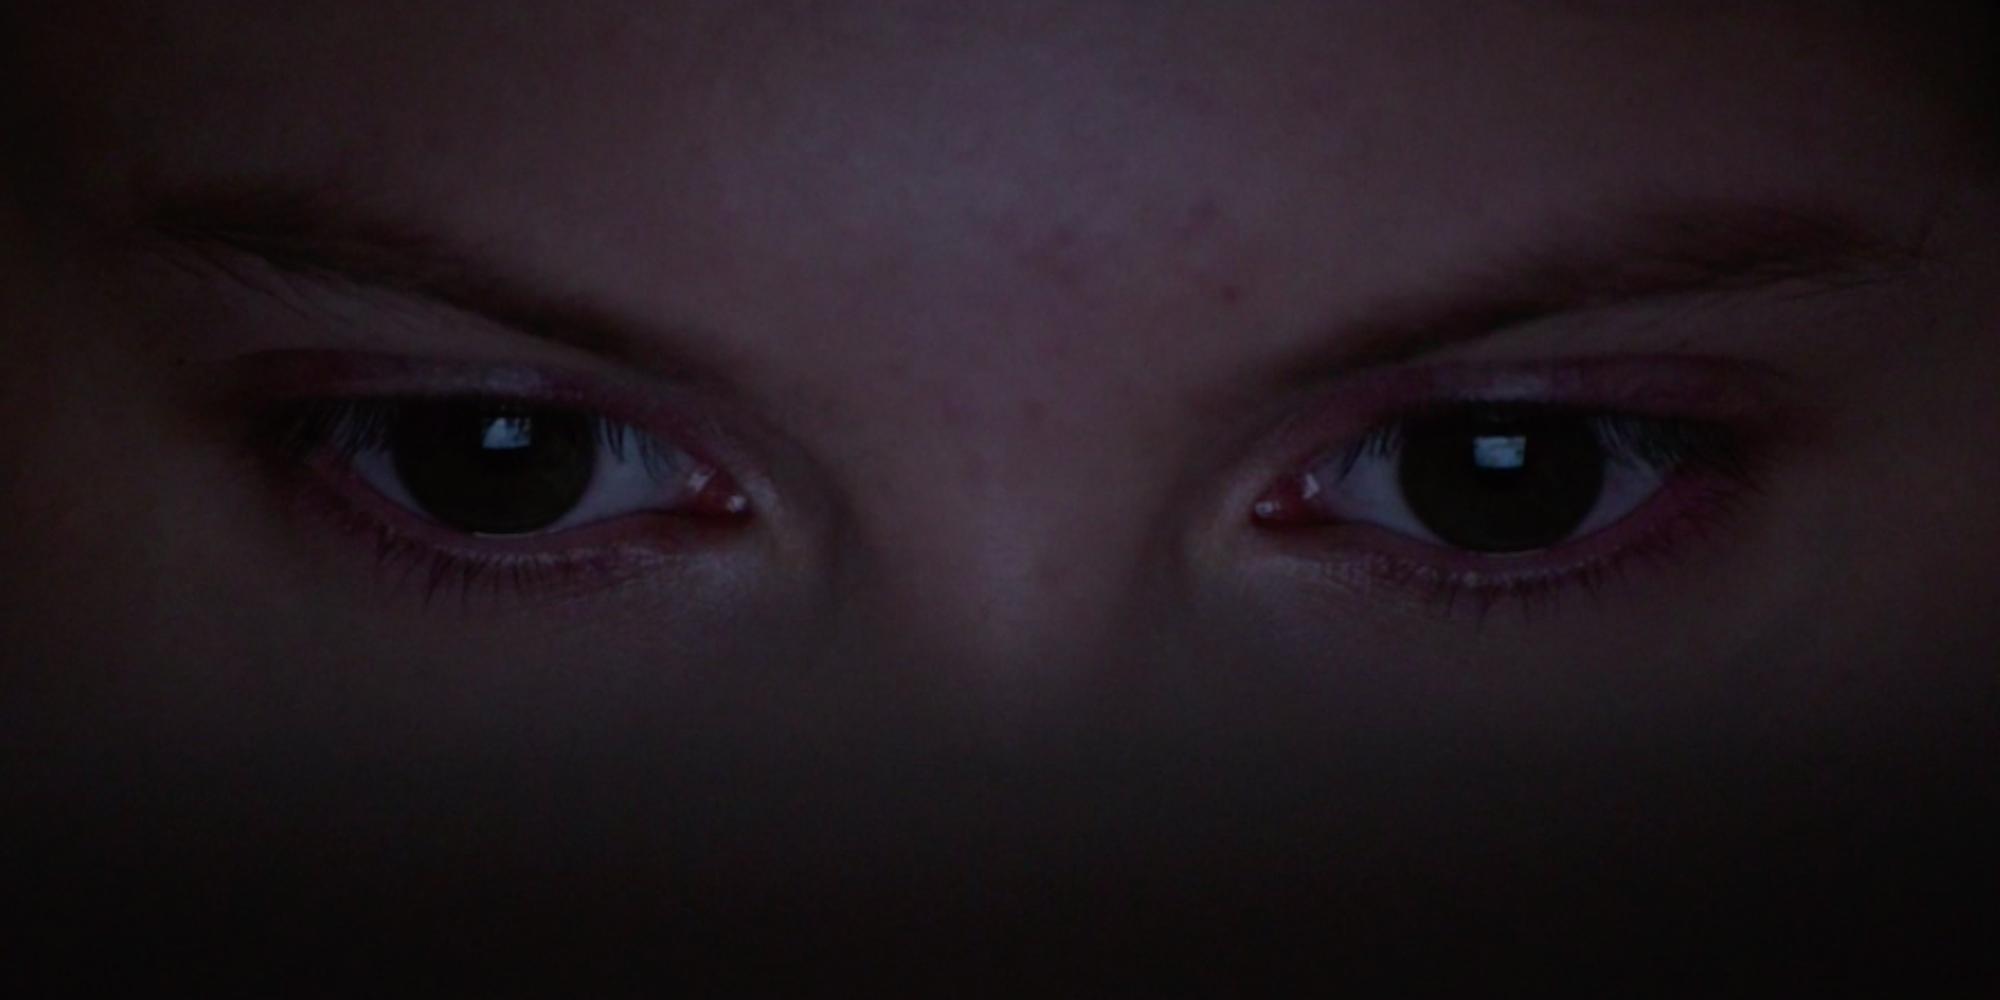 Utsnitt fra filmen Thelma.